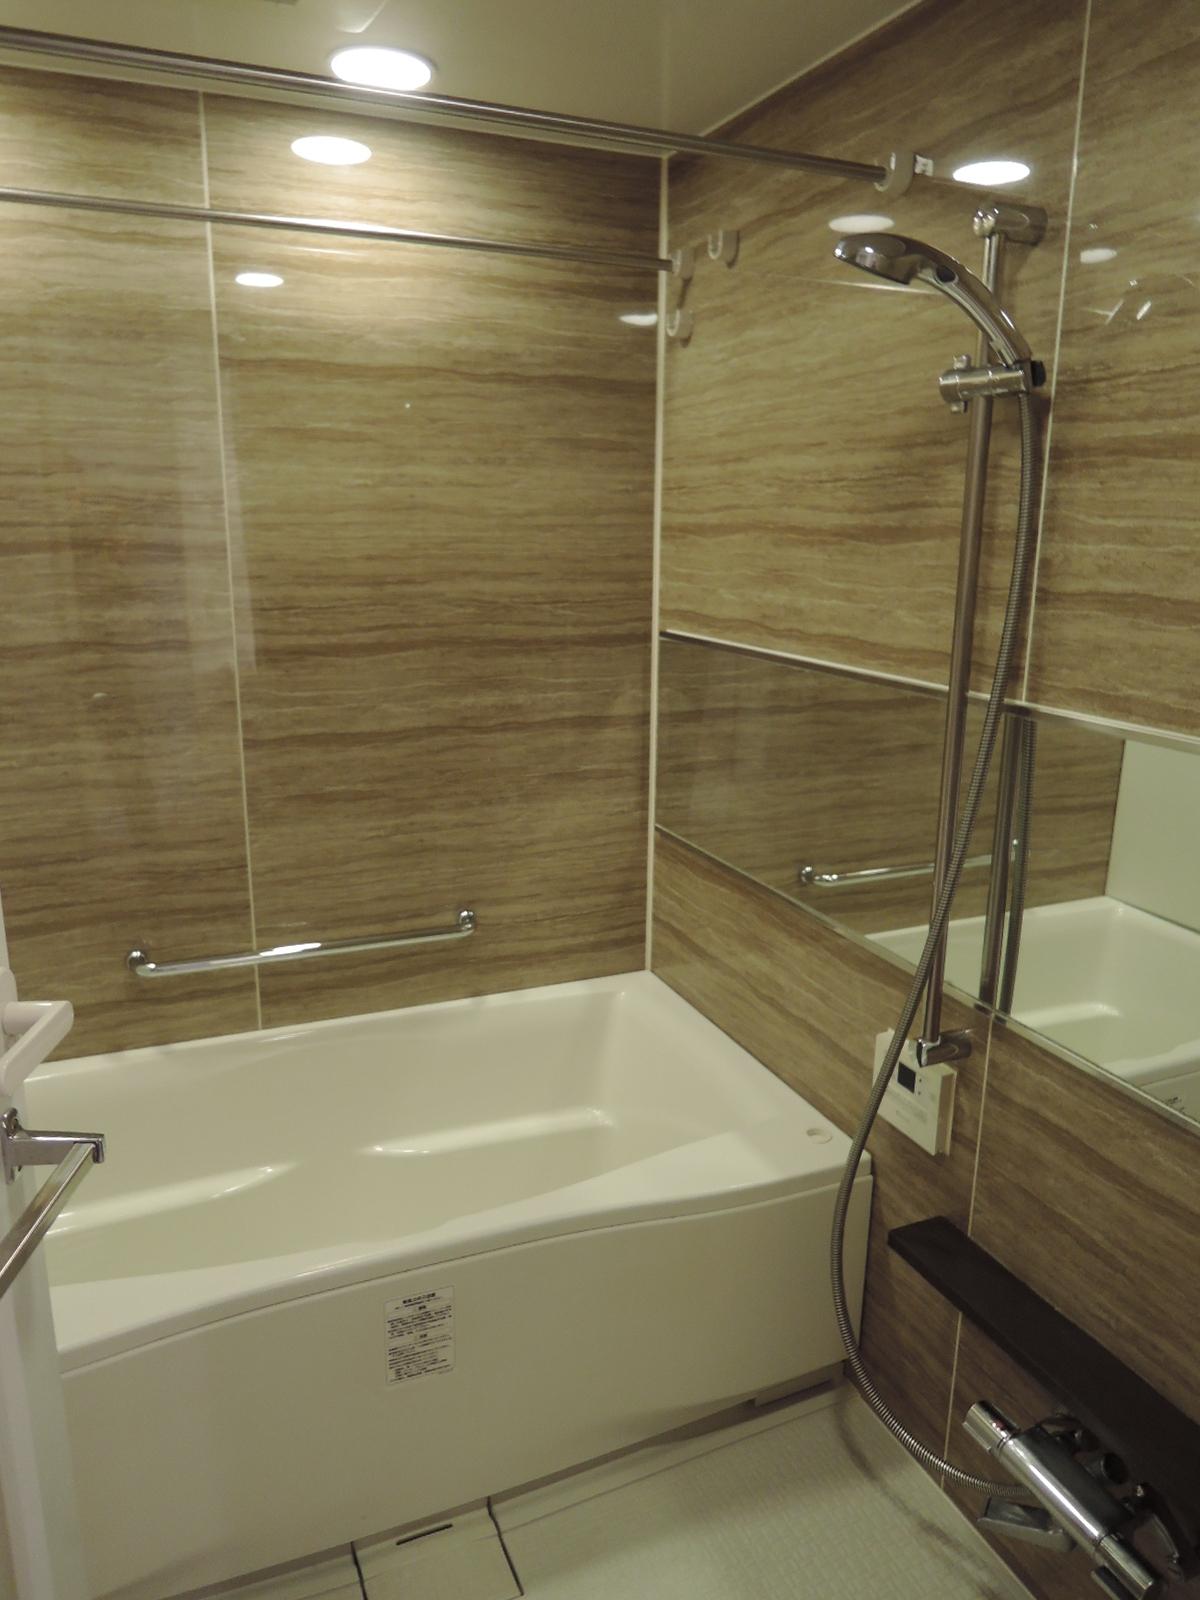 ミストサウナ・浴室暖房乾燥機付きのバスルーム